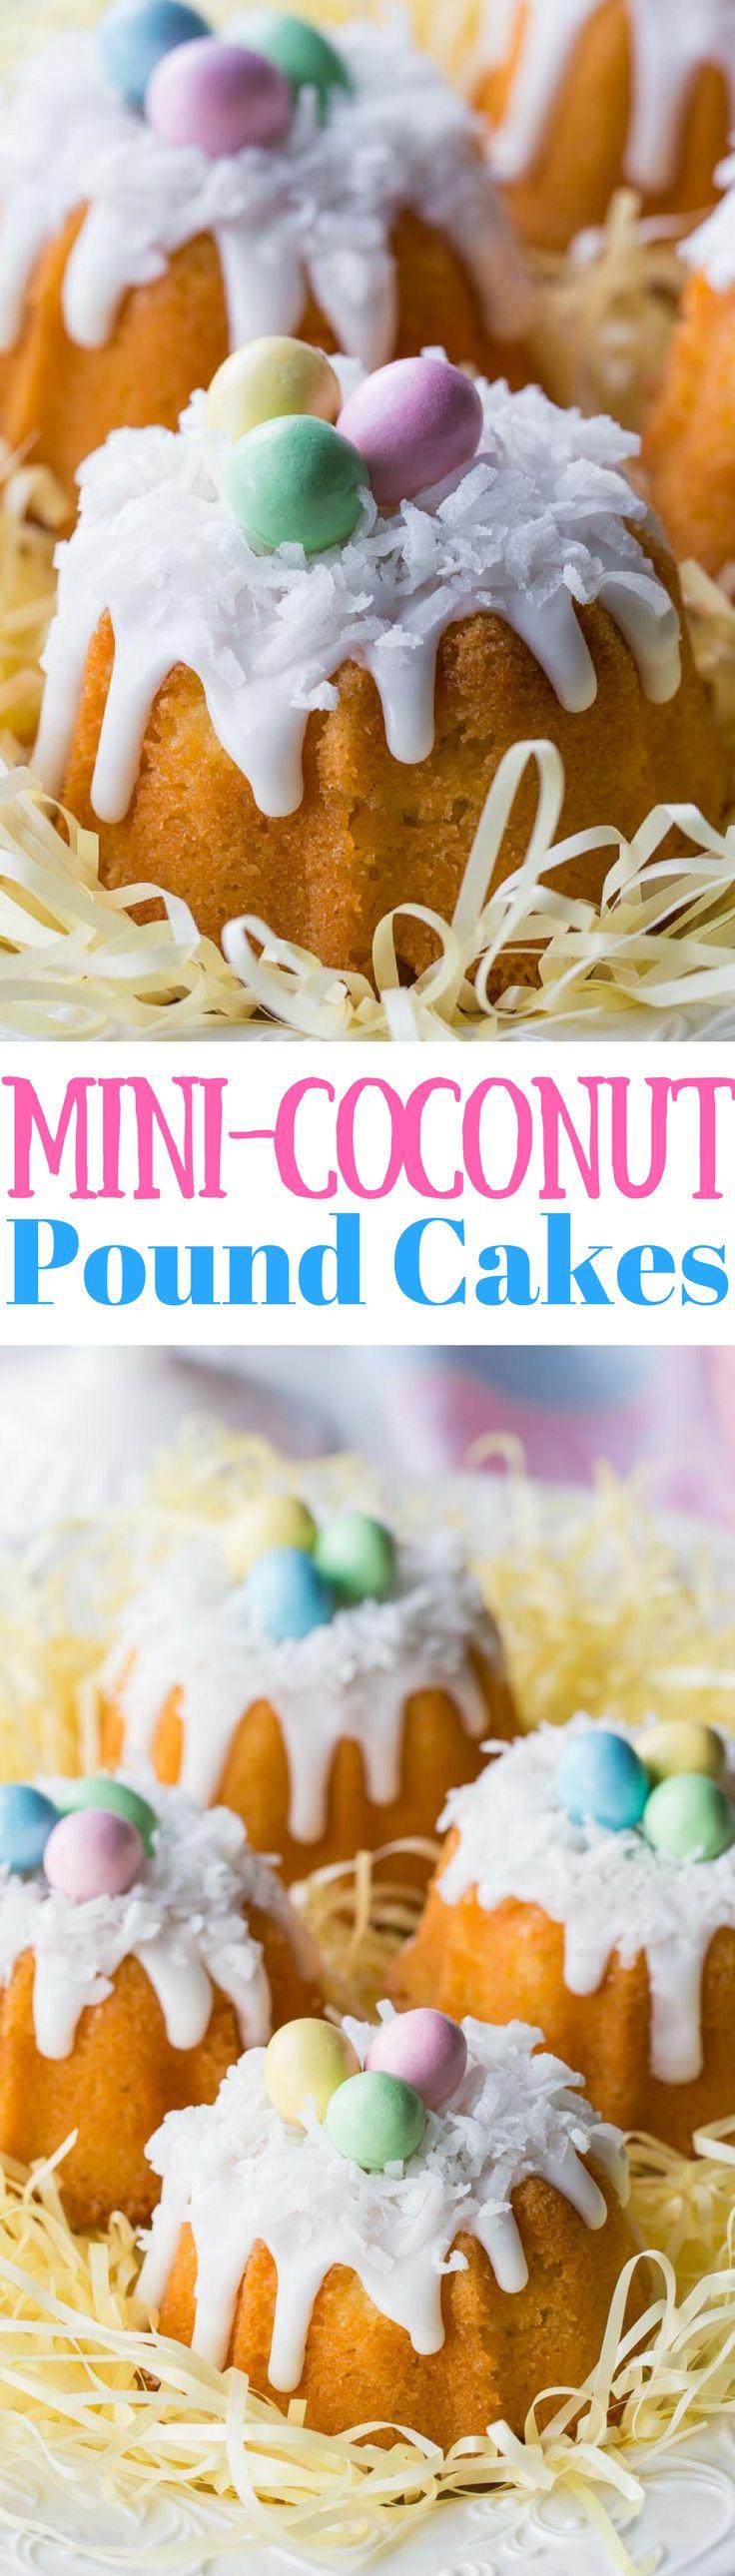 Mini Coconut Pound Cakes Recipe for Dessert